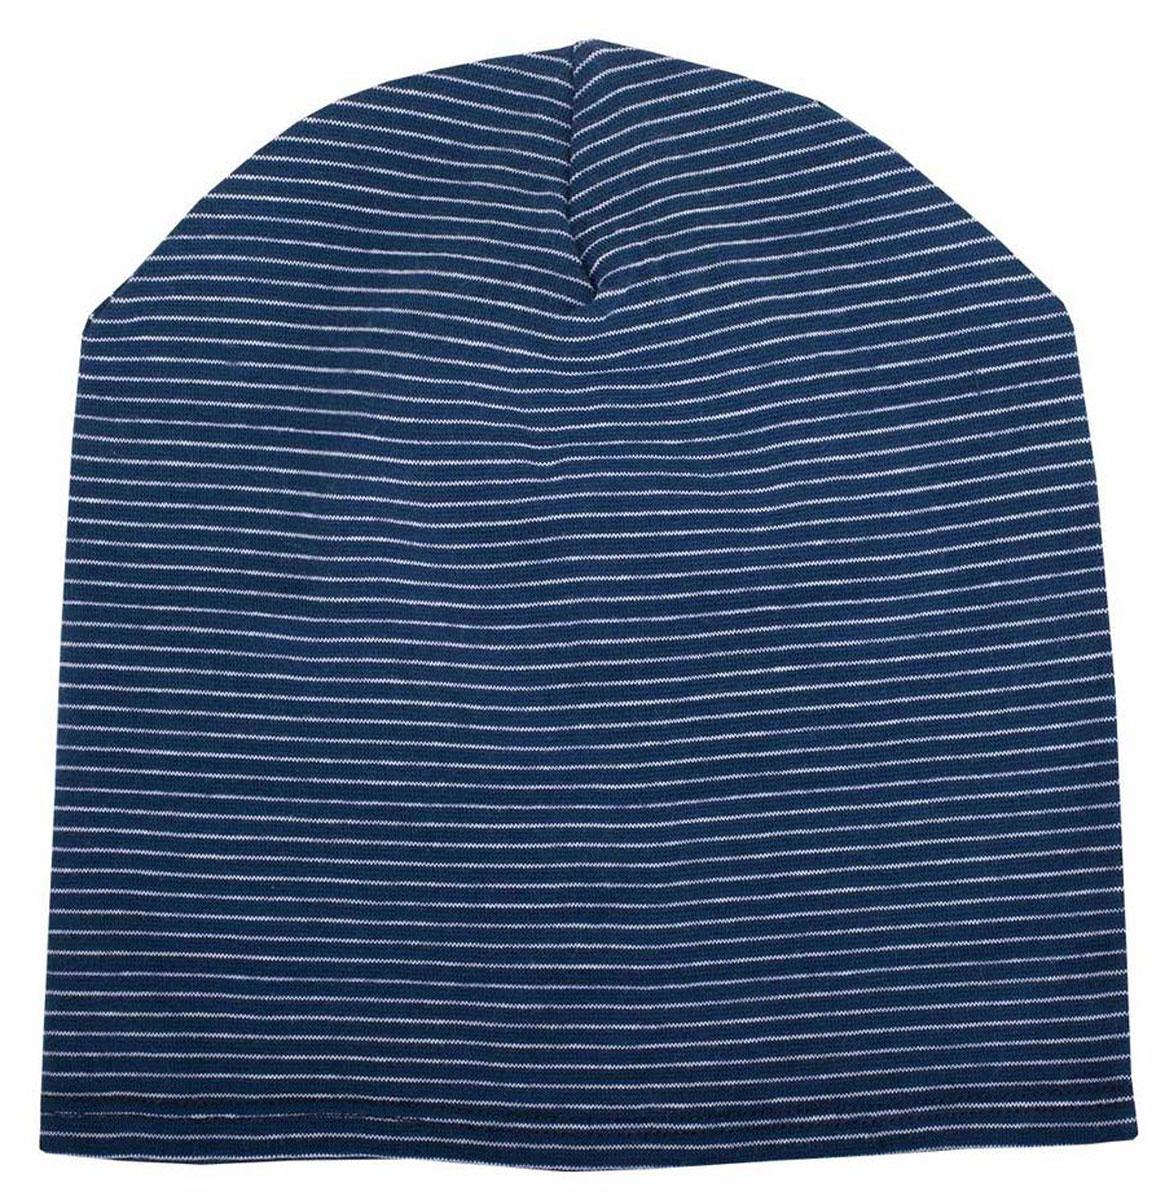 Шапка детская117BBBX73041005Трикотажные шапки - важный атрибут повседневного гардероба! Они отлично согревают, а также украшают и завершают весенний комплект. Купить недорого шапку для мальчика от Button Blue, значит, позаботиться о здоровье, внешнем виде и комфорте ребенка.